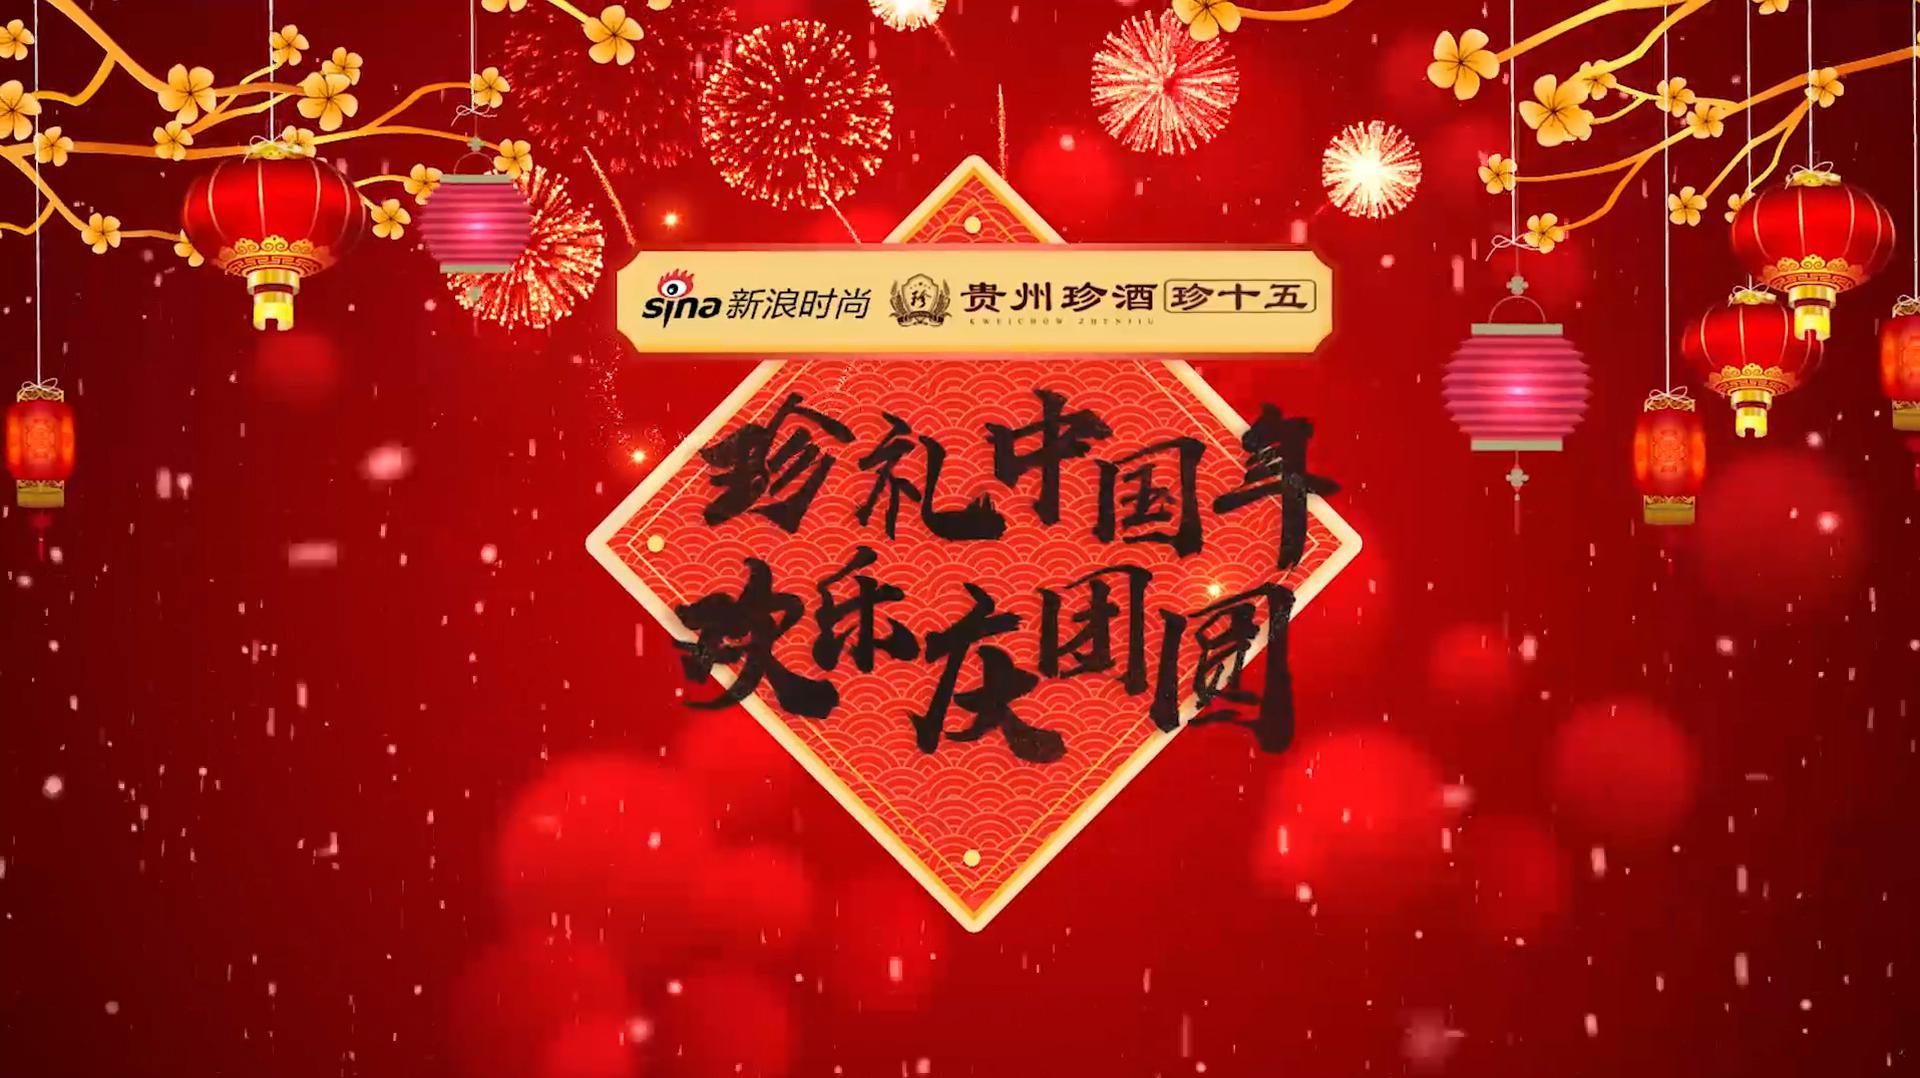 探班春晚明星送祝福:珍礼中国年欢乐庆团圆